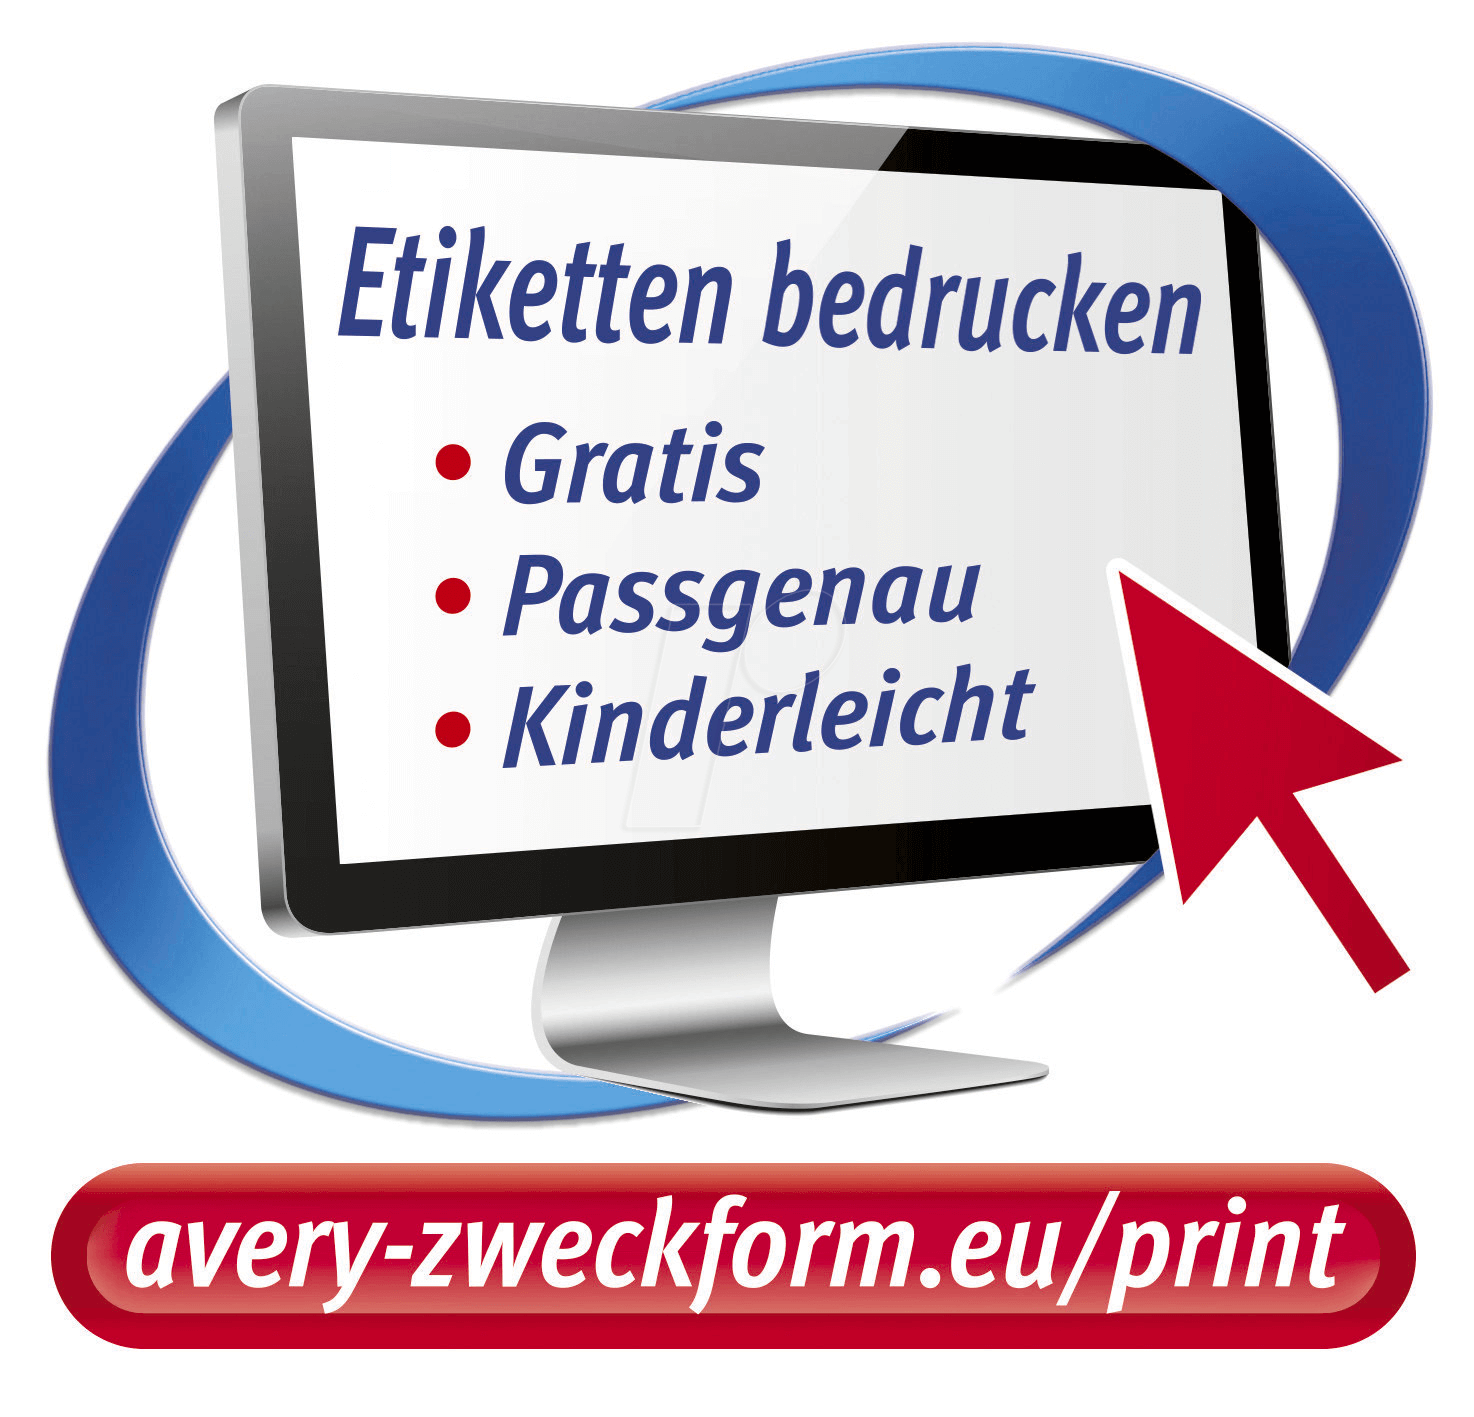 https://cdn-reichelt.de/bilder/web/xxl_ws/E460/AVZ_L4775REV-8_09.png